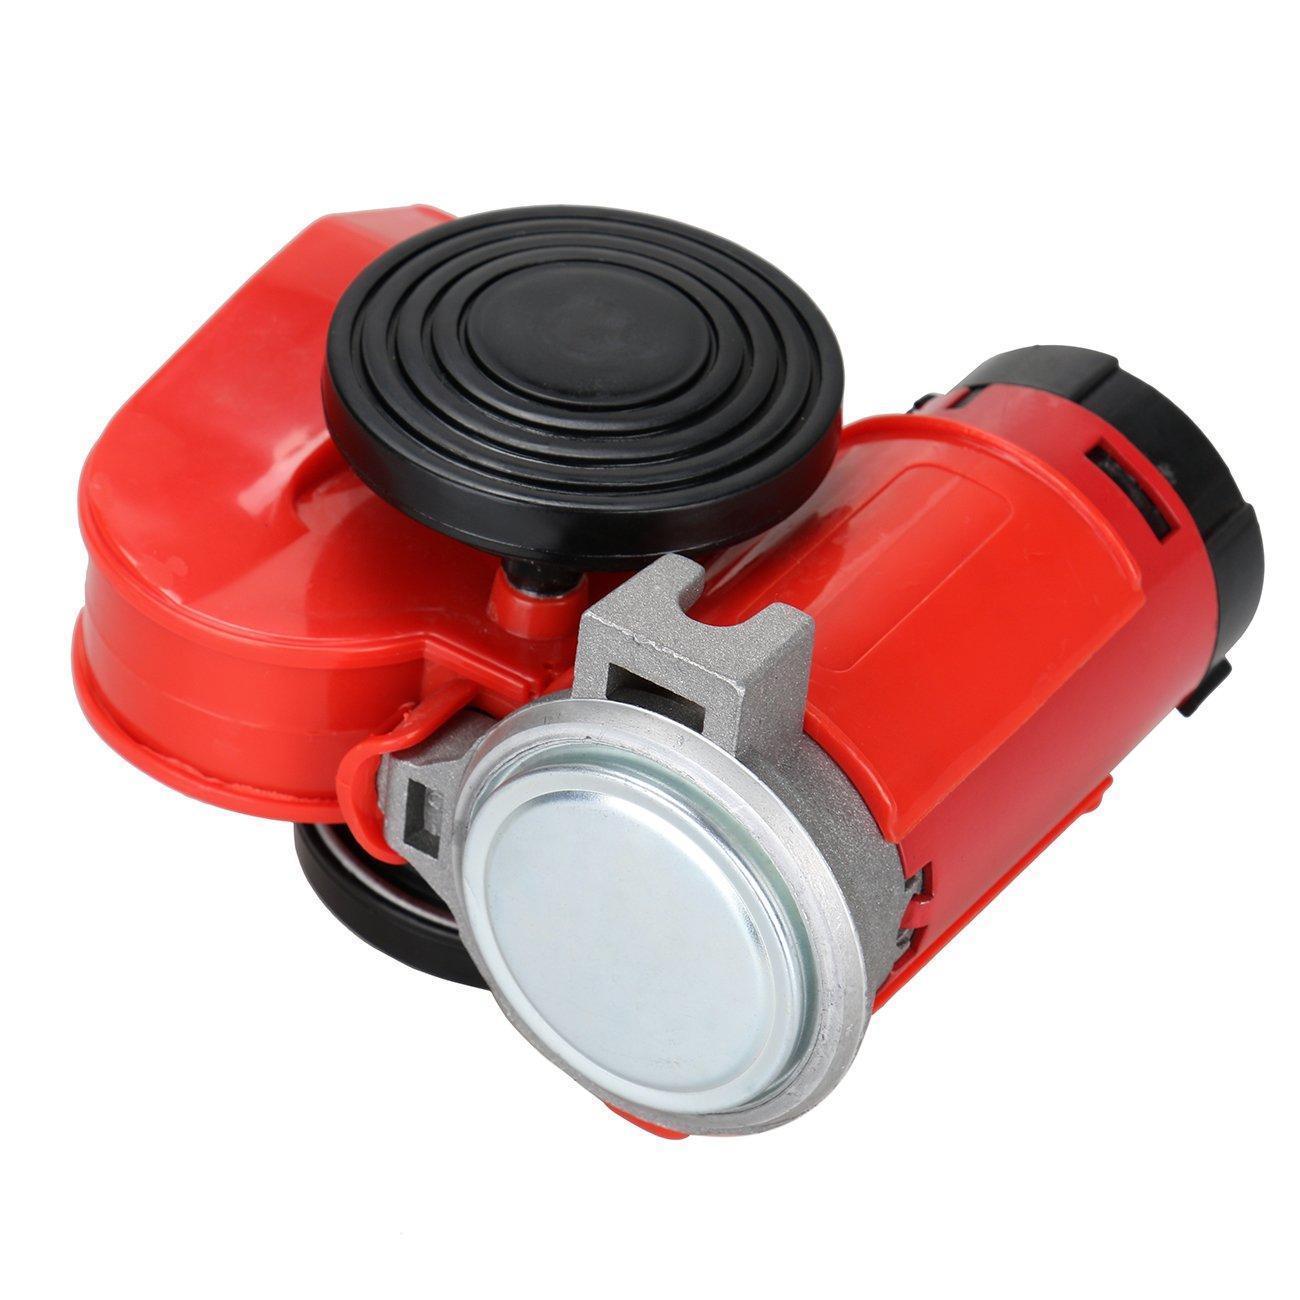 MountainNet 12 V escargot air cornes compact air pompe électrique double tonalité rouge puissant pour voiture de moto Ambienceo